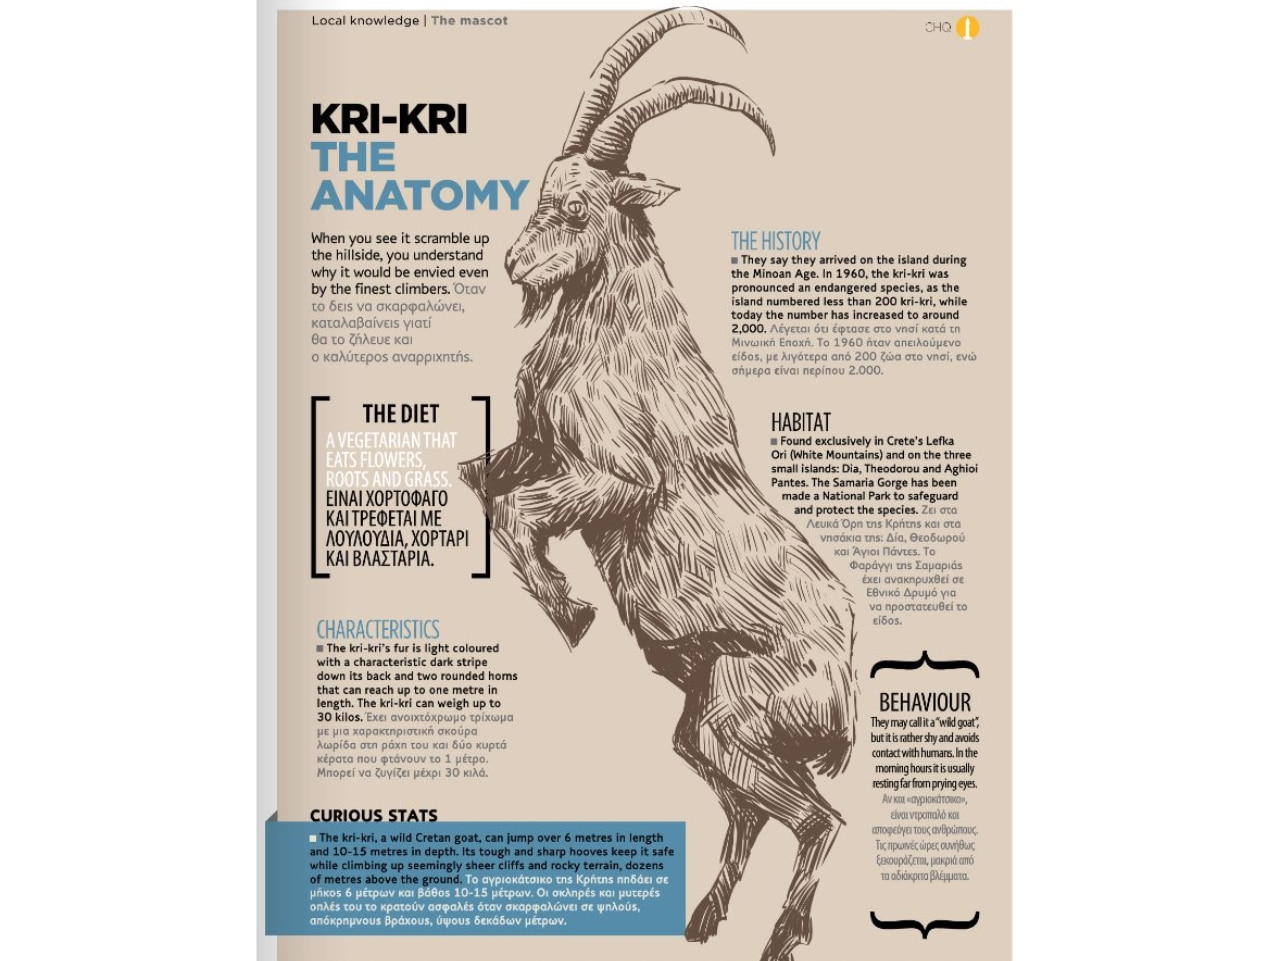 Kri-Kri or Cretan Goat or Agrimi or Cretan Ibex - The Anatomy